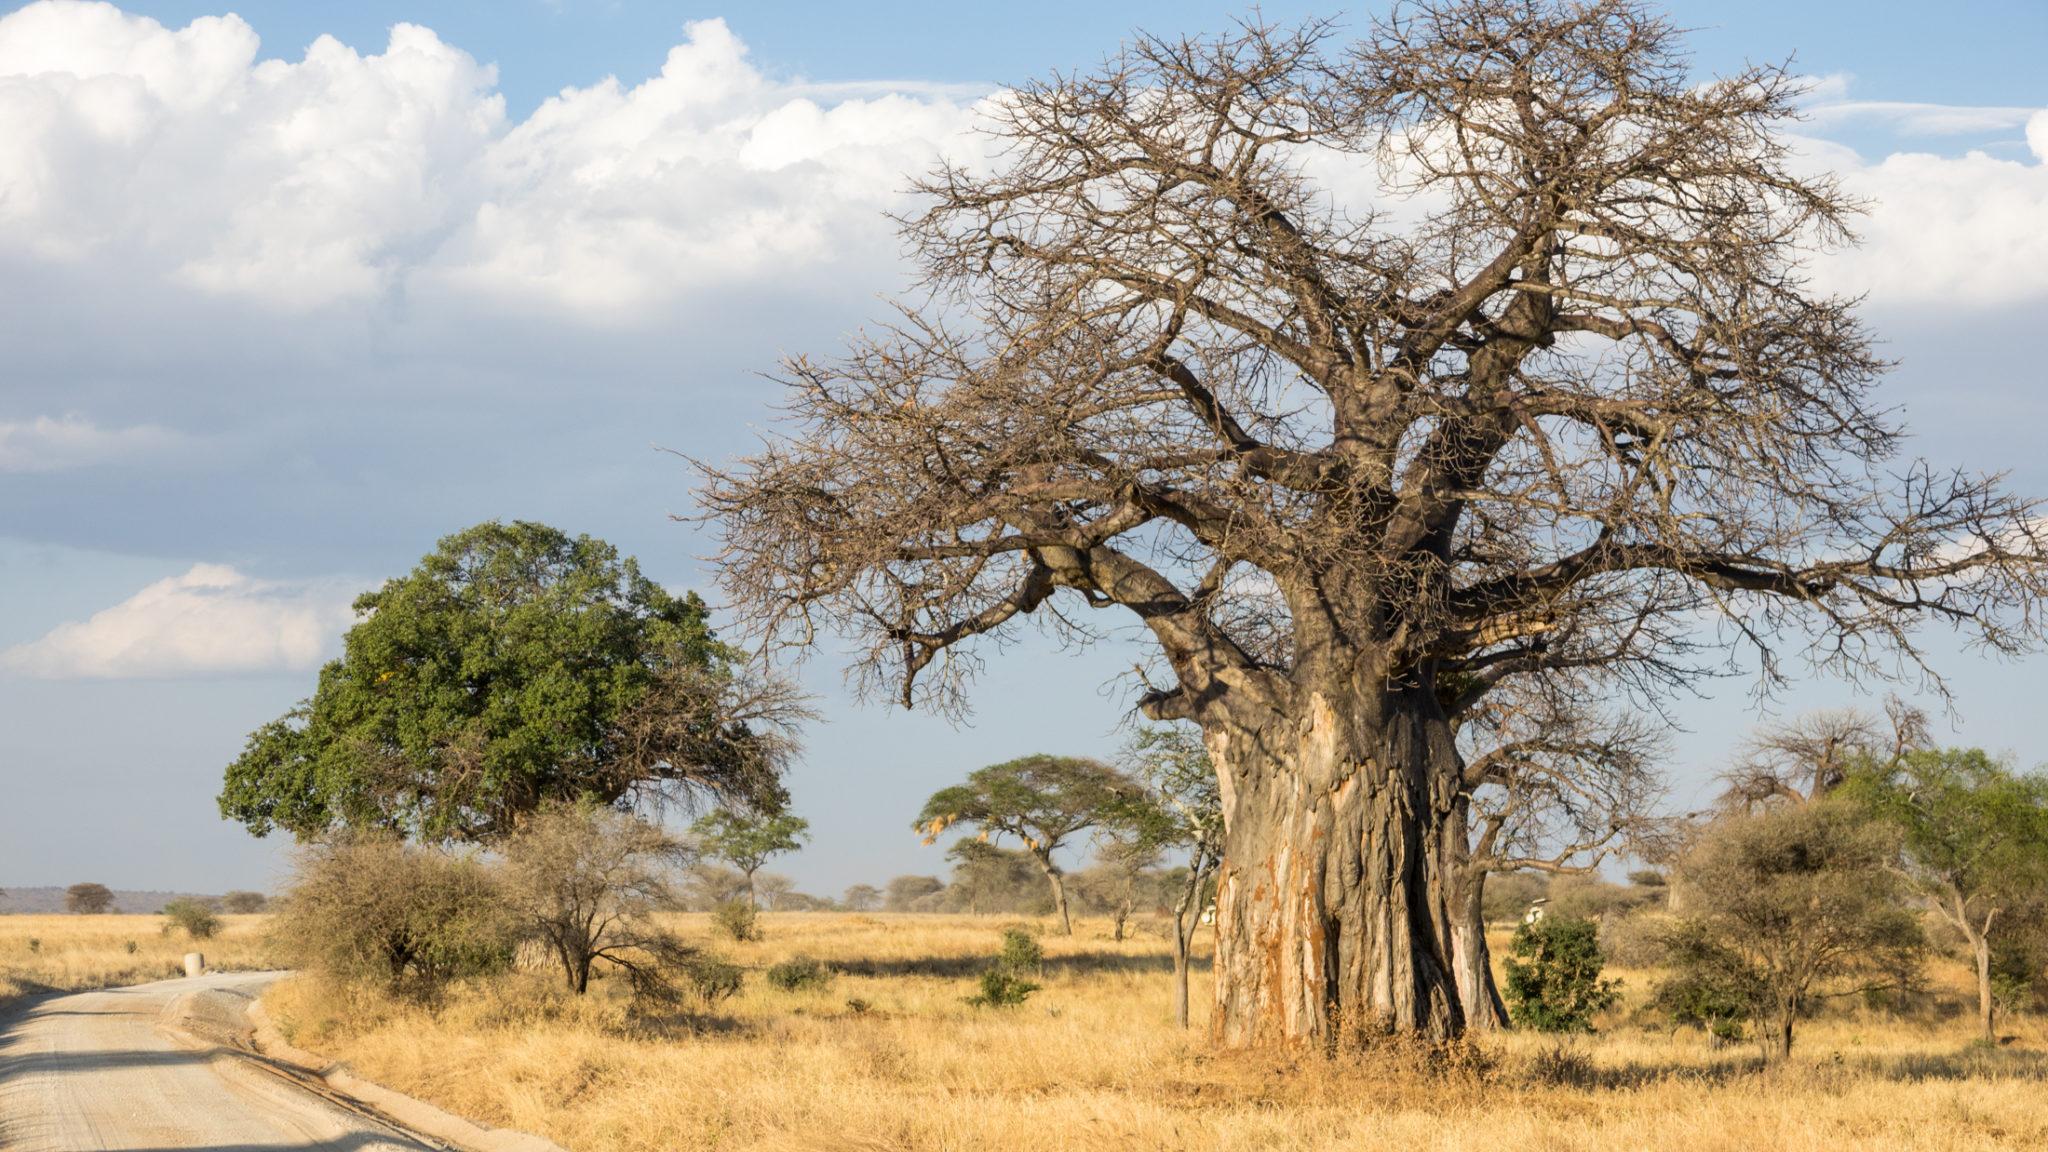 Baobab Baum im Tarangire Nationalpark, Tansania